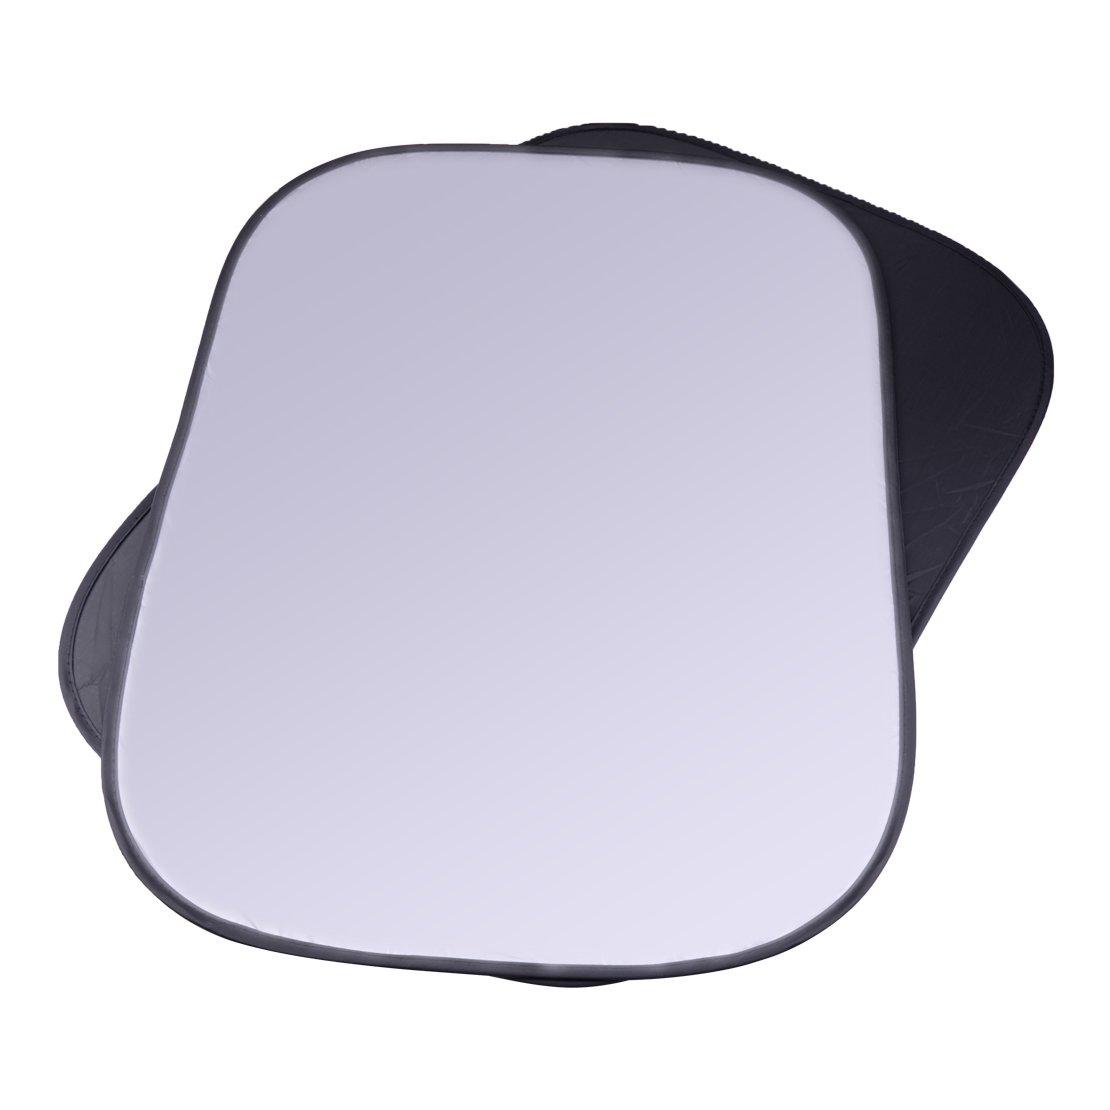 CITALL 2 foldable sunroof sun visors Fit for Mini Cooper F54 F55 R55 F56 R56 2007-2017